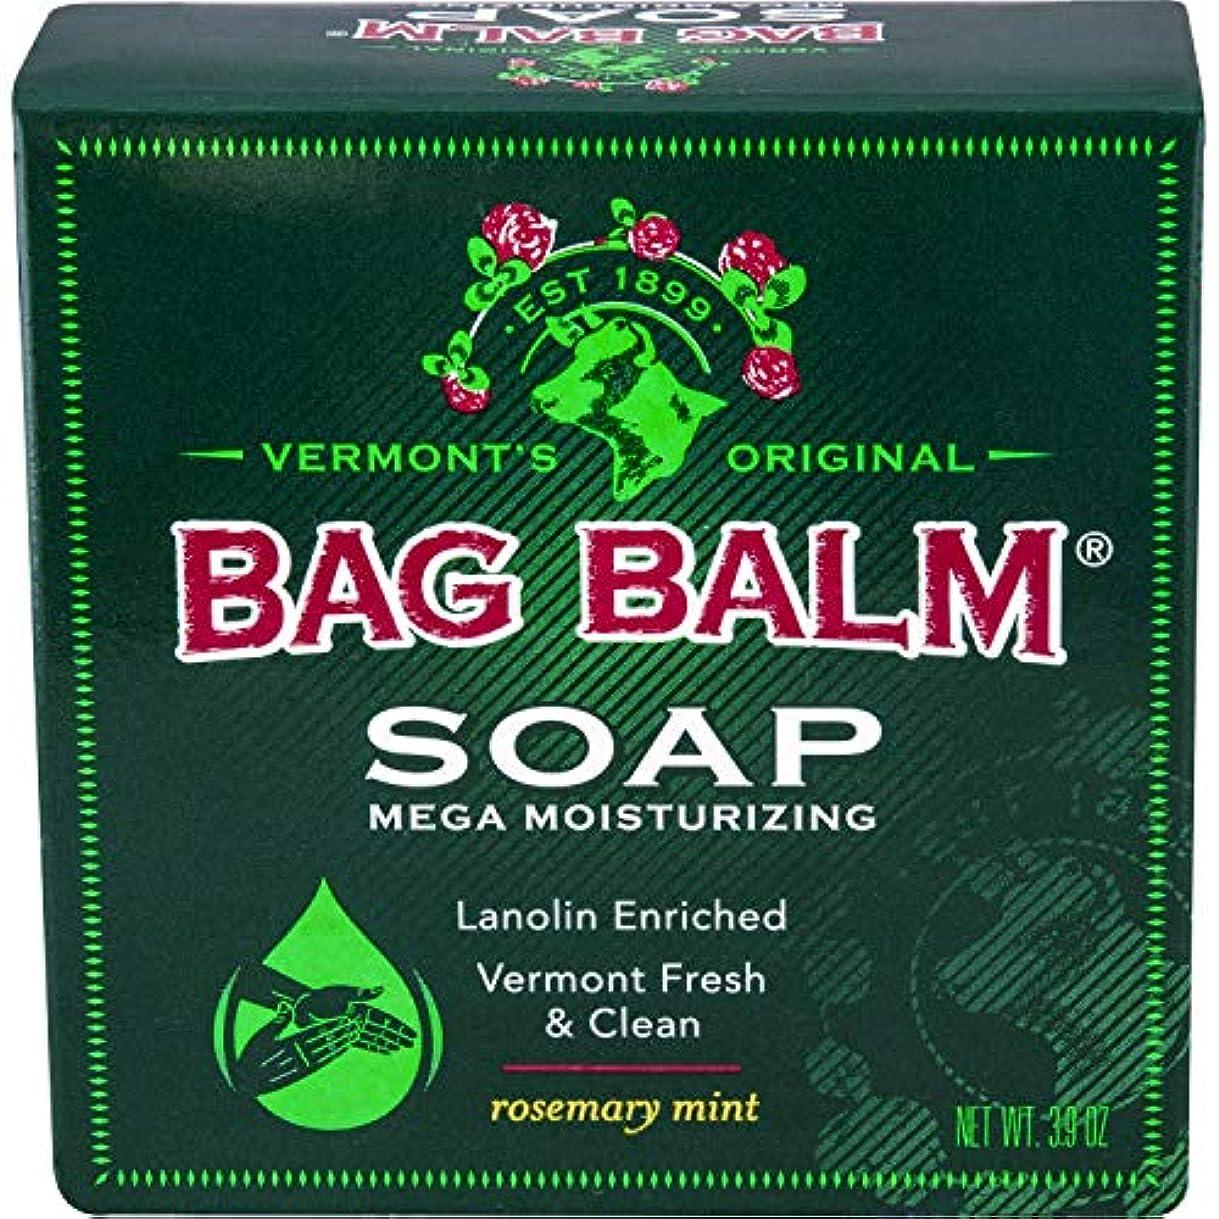 消える呪い蜜Bag Balm メガモイスチャーソープローズマリーミント3.9オンスバー(3バリューパック)